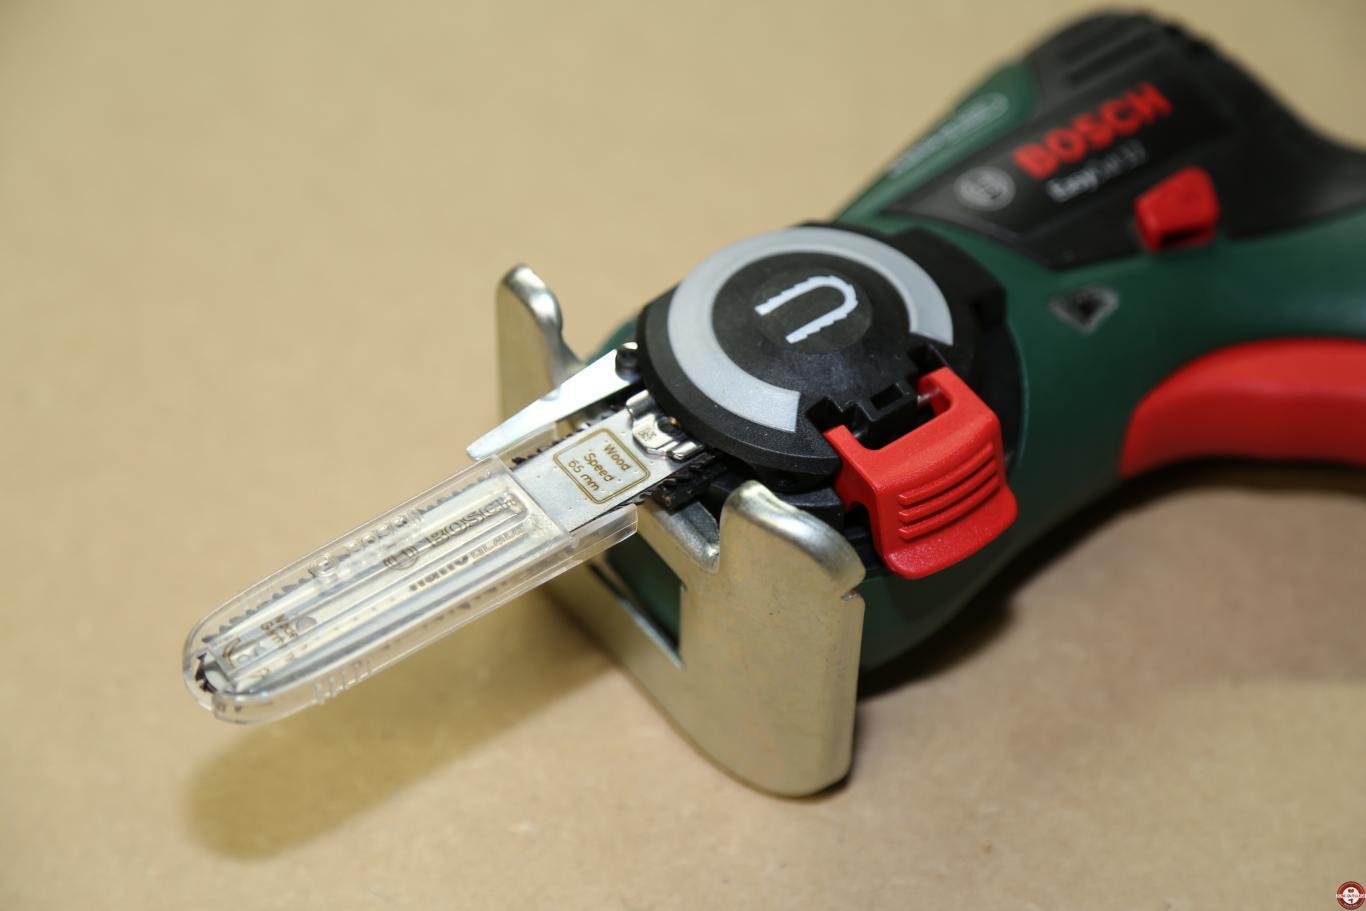 test de la scie sans fil easycut 12 à lame nanoblade bosch - zone